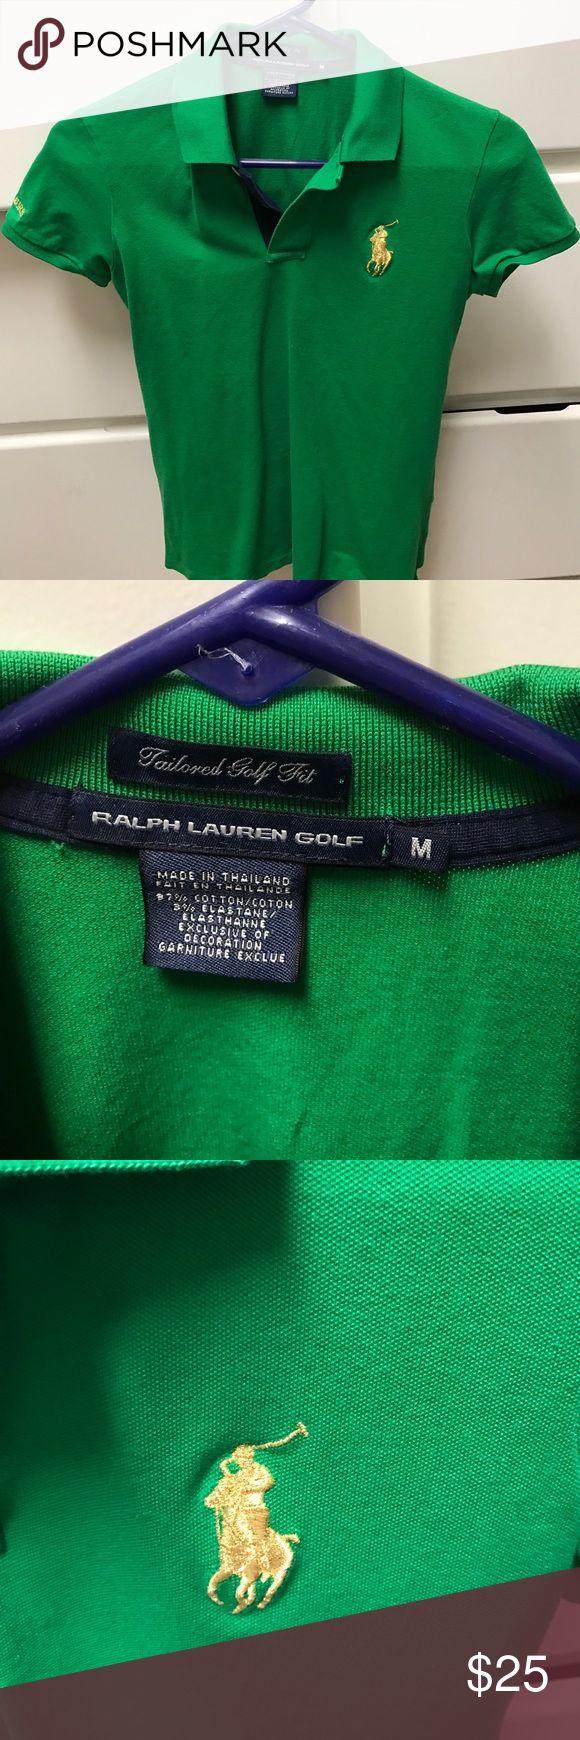 Ralph Lauren women's Golf shirt Beautiful Kelly green women's golf shirt Ralph Lauren Tops Tees - Short Sleeve